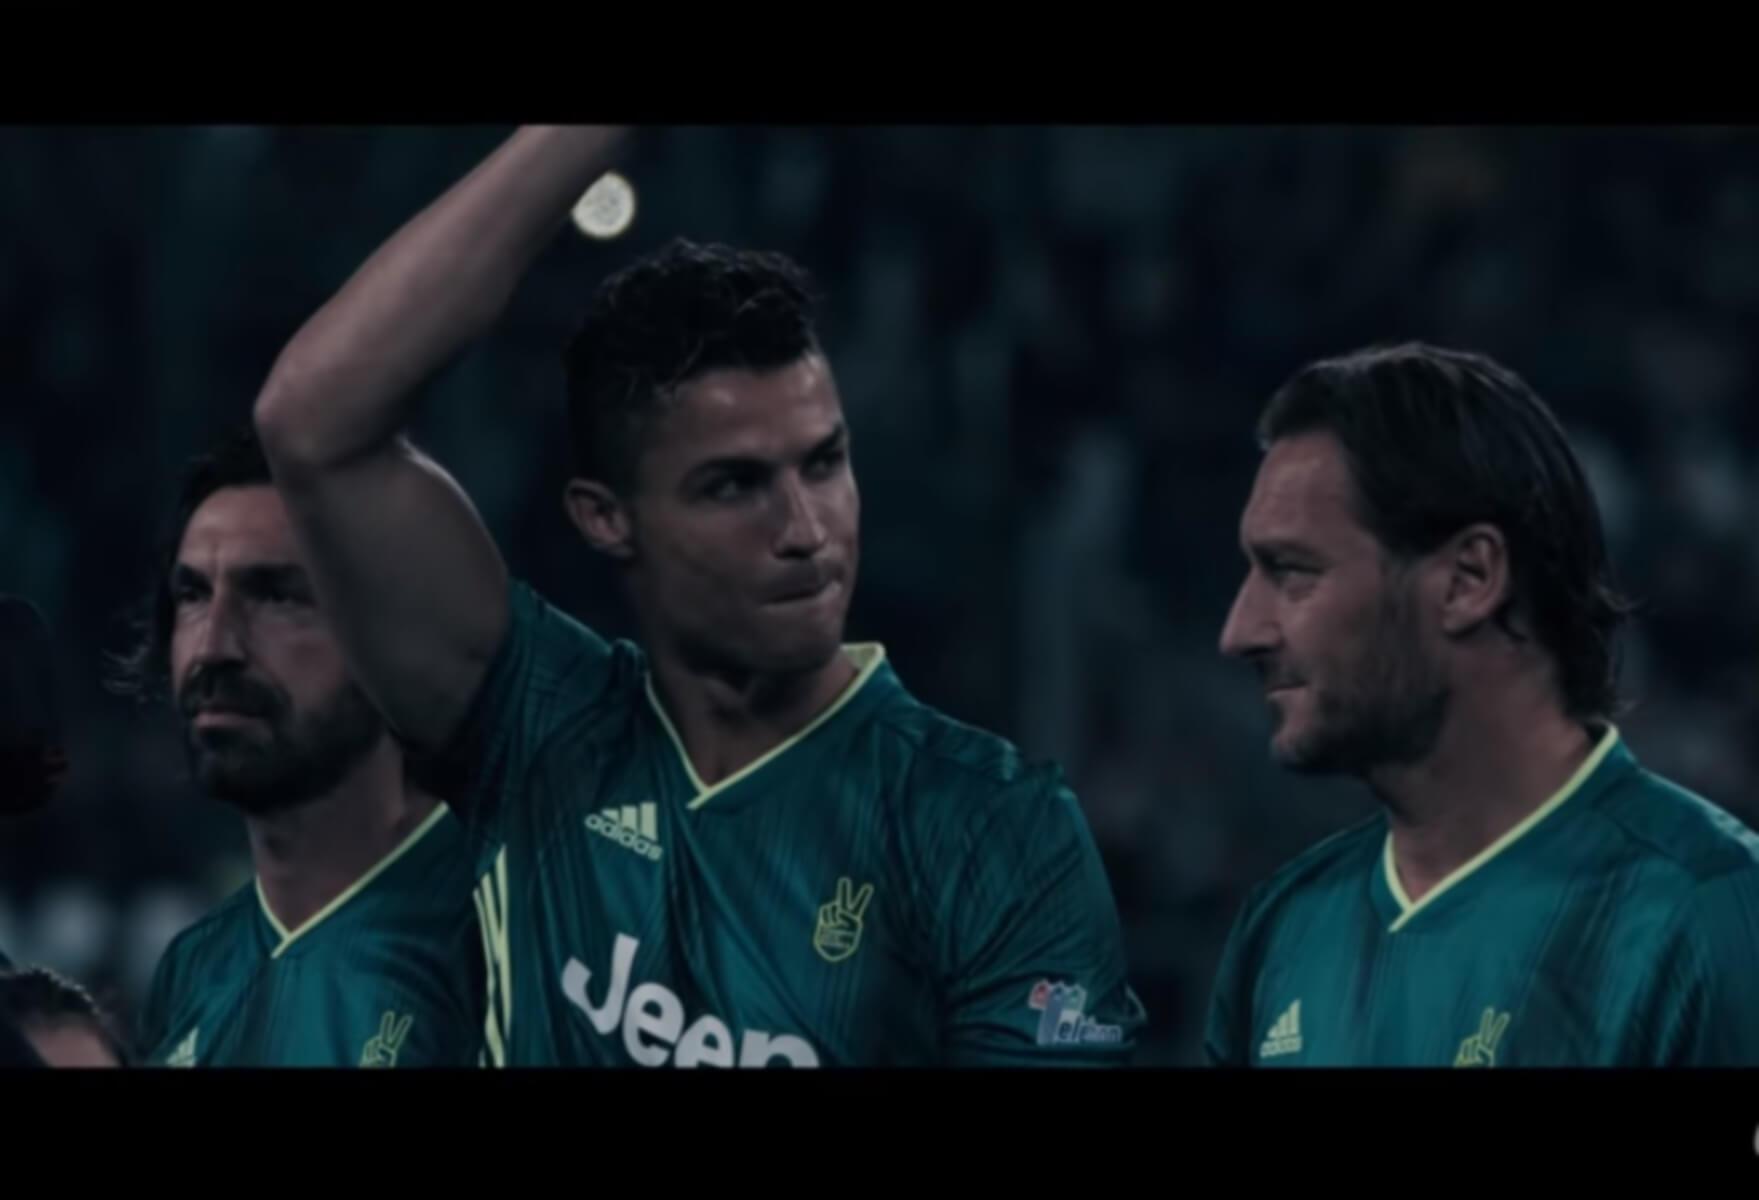 Κριστιάνο Ρονάλντο, Τότι, Πίρλο και Φέτελ έπαιξαν μπάλα για… καλό σκοπό! Video, pics